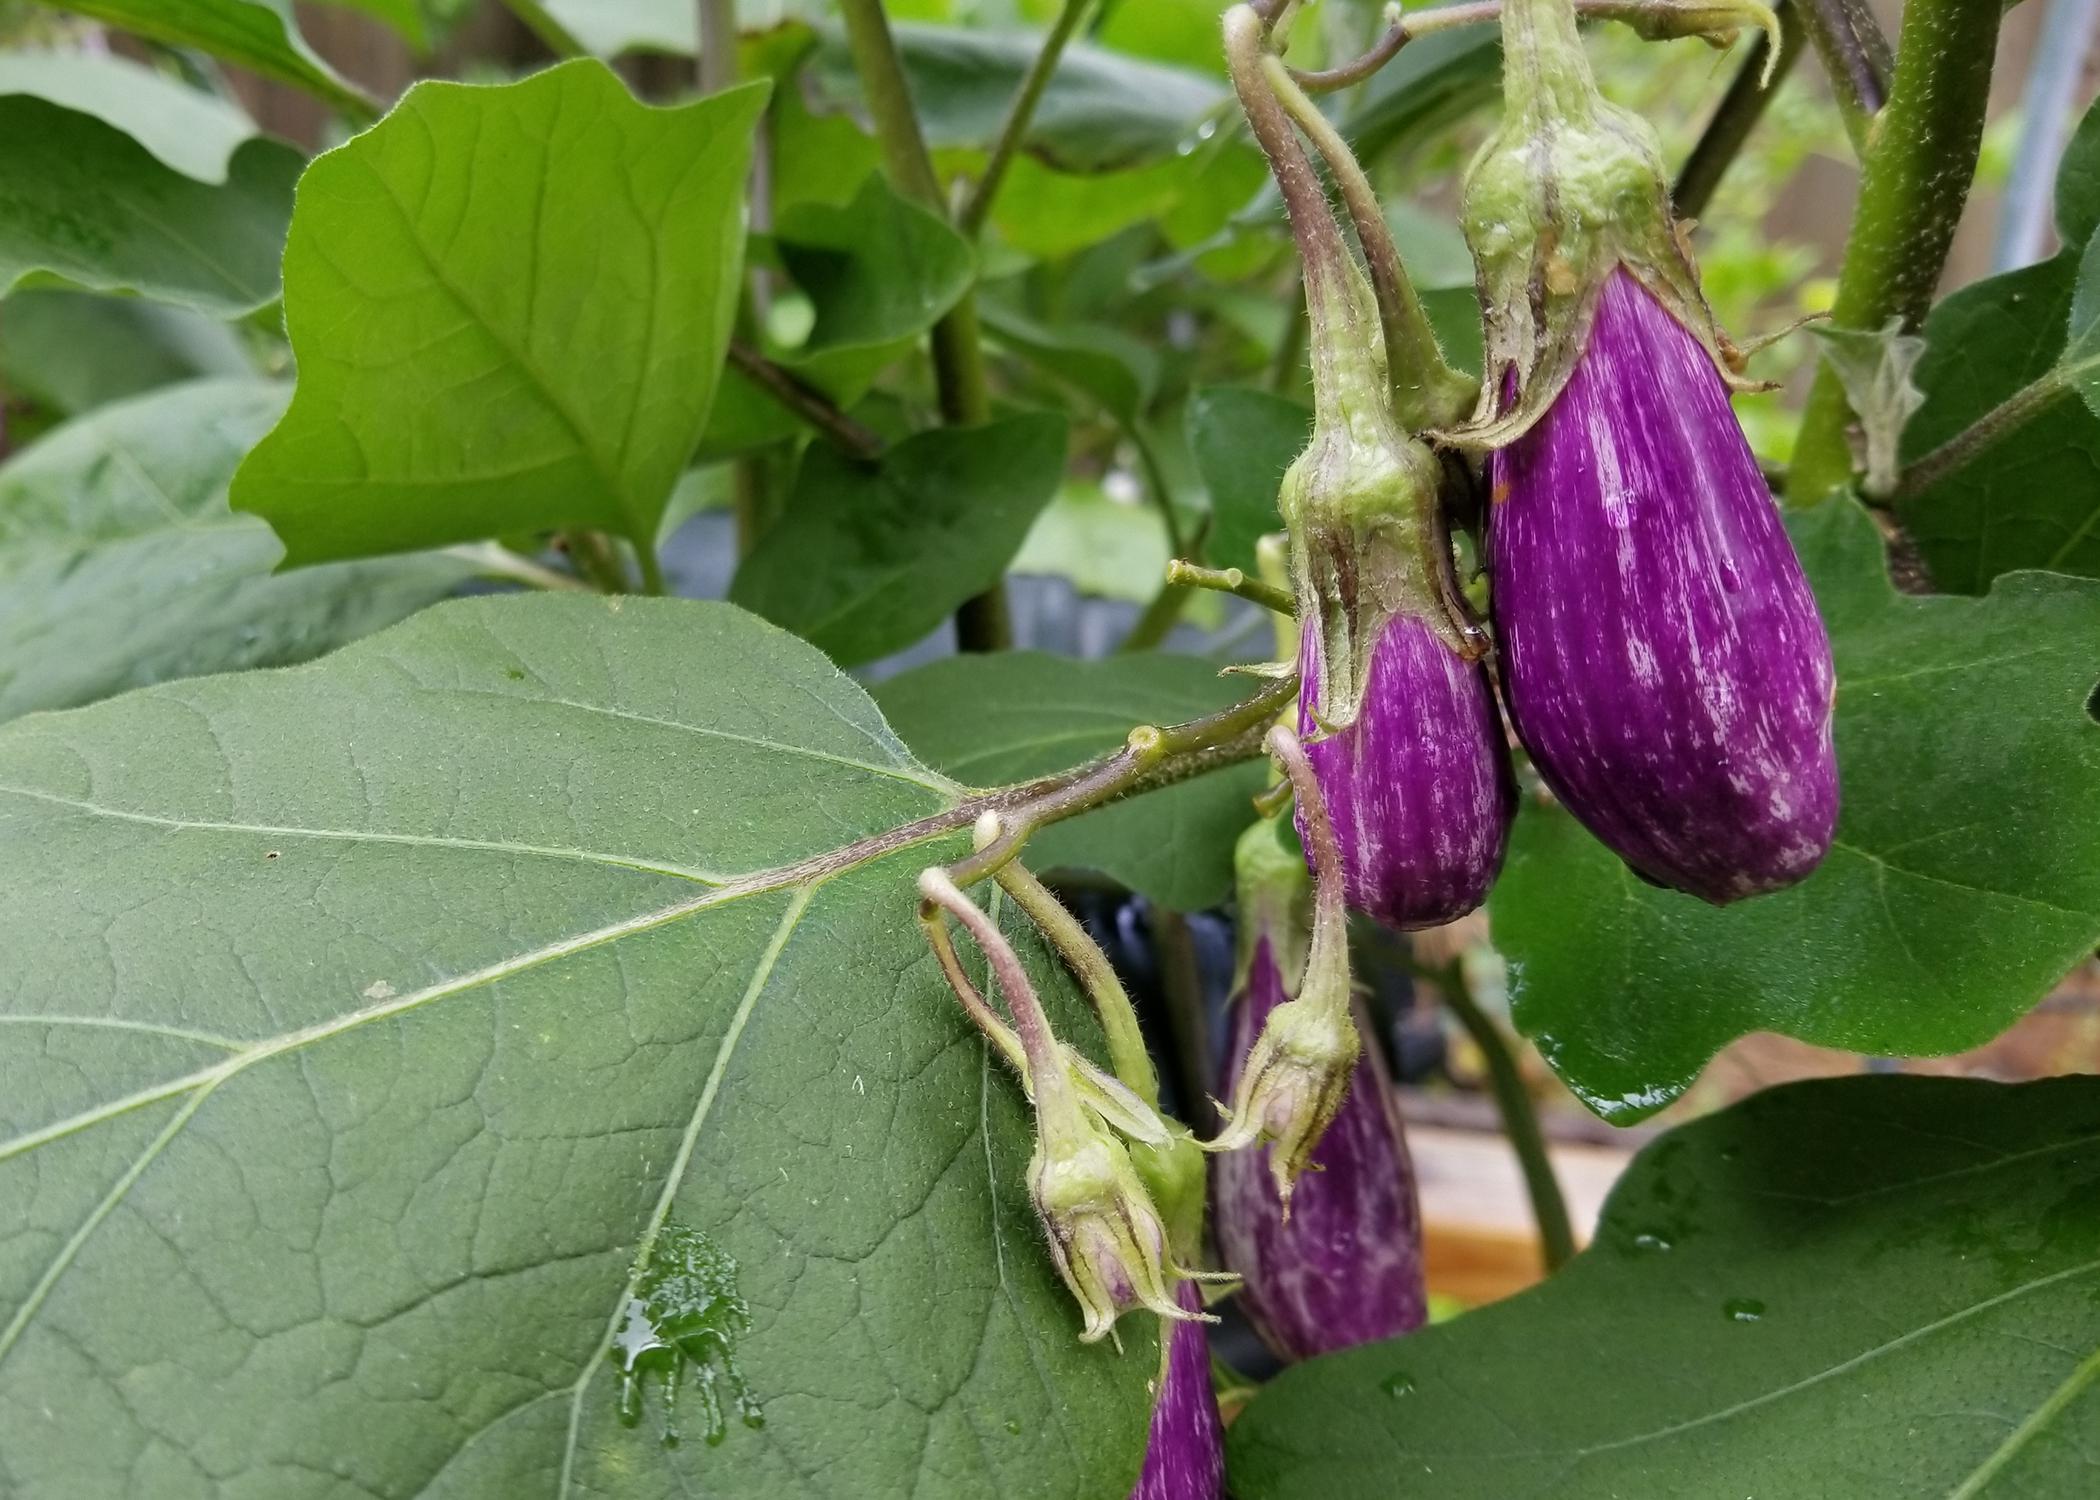 Tiny, purple eggplants grow on a vine.